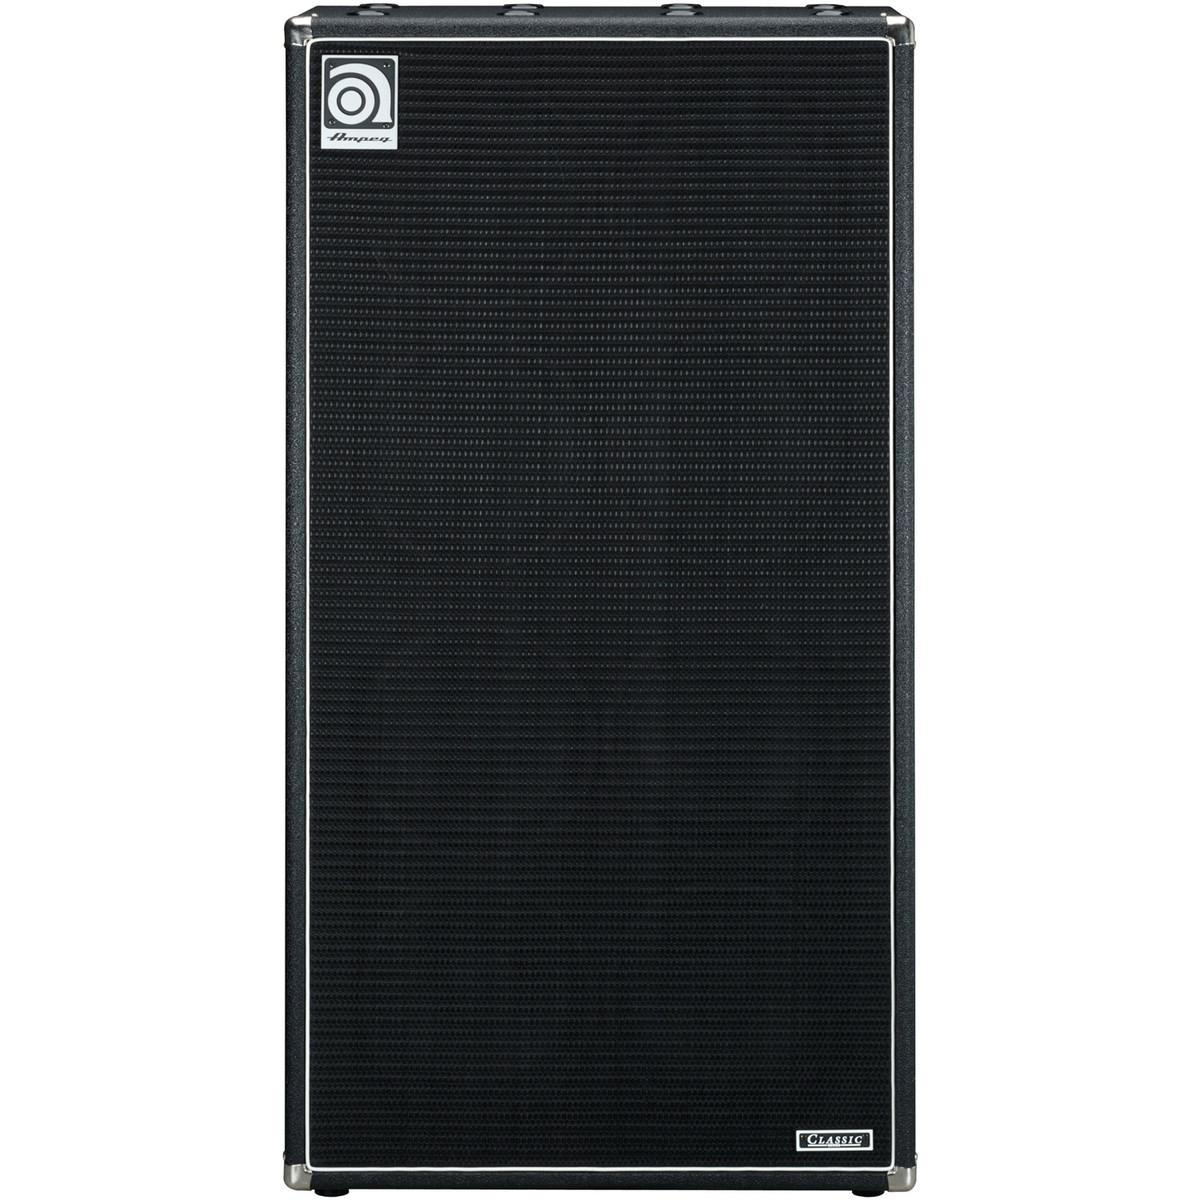 ampeg svt 810e 8 x 10 39 39 bass speaker cabinet cl at. Black Bedroom Furniture Sets. Home Design Ideas